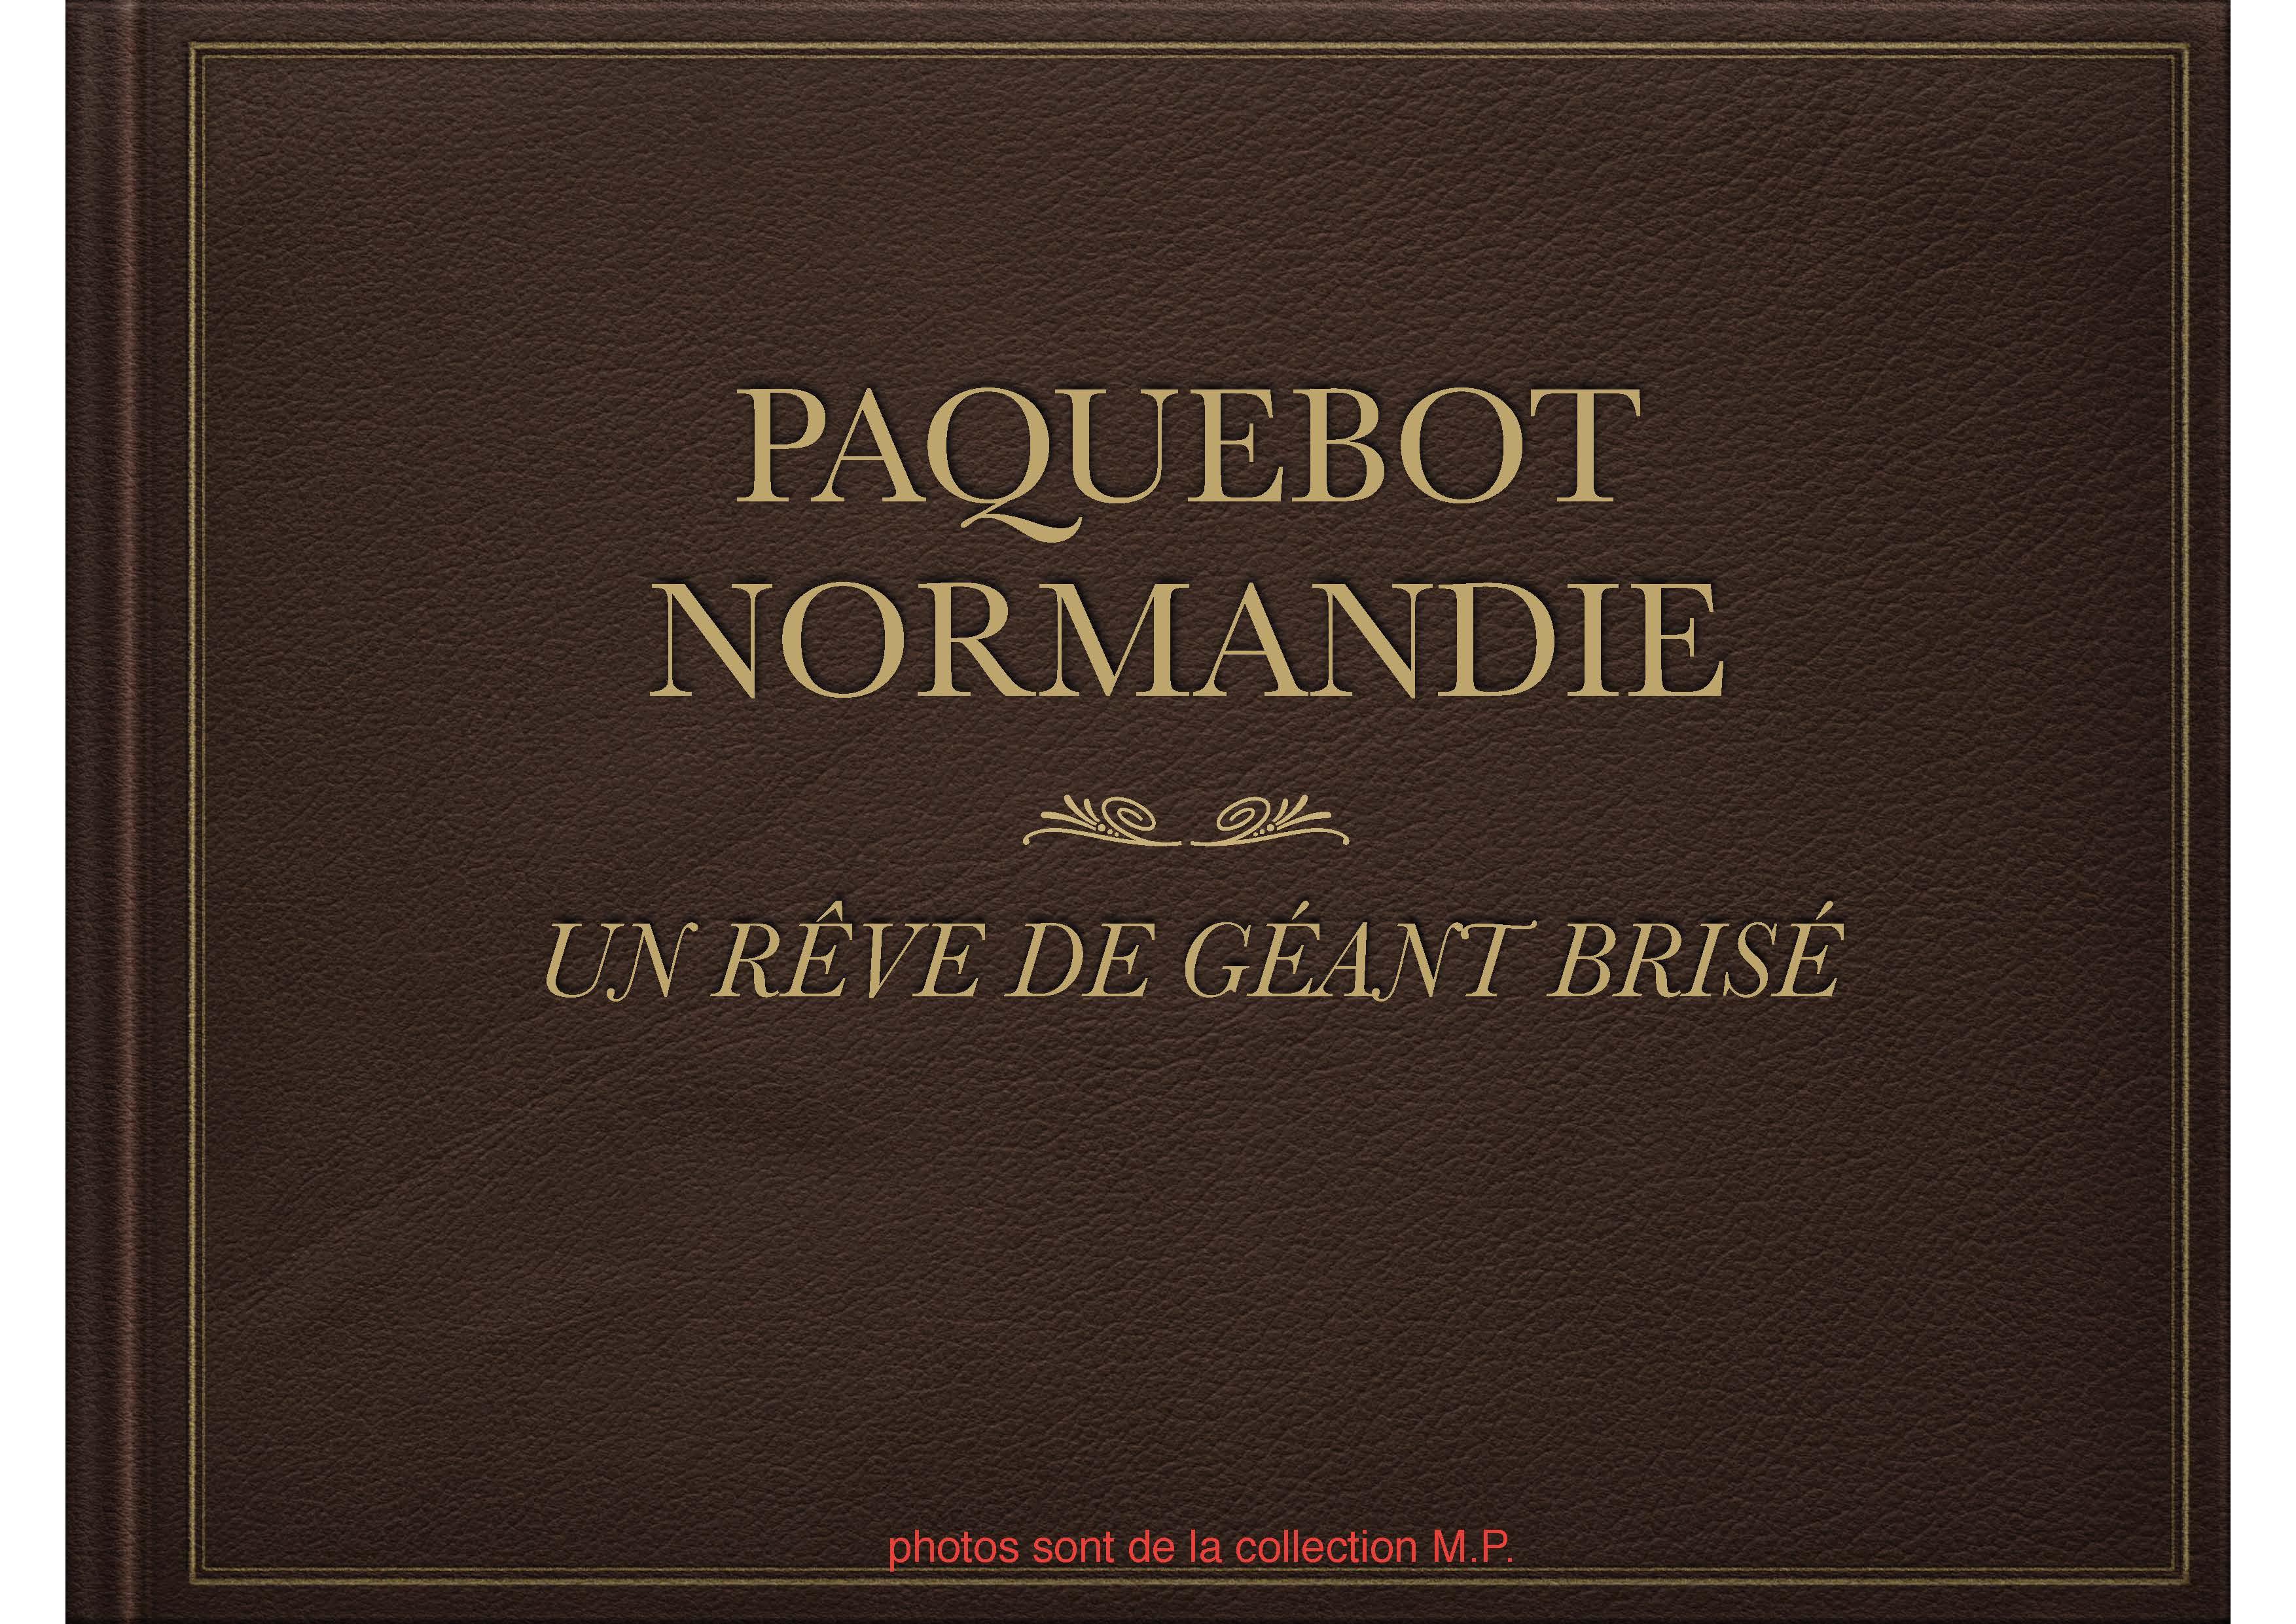 PAQUEBOT DU PASSE NORMANDIE et FILM5_Page_01